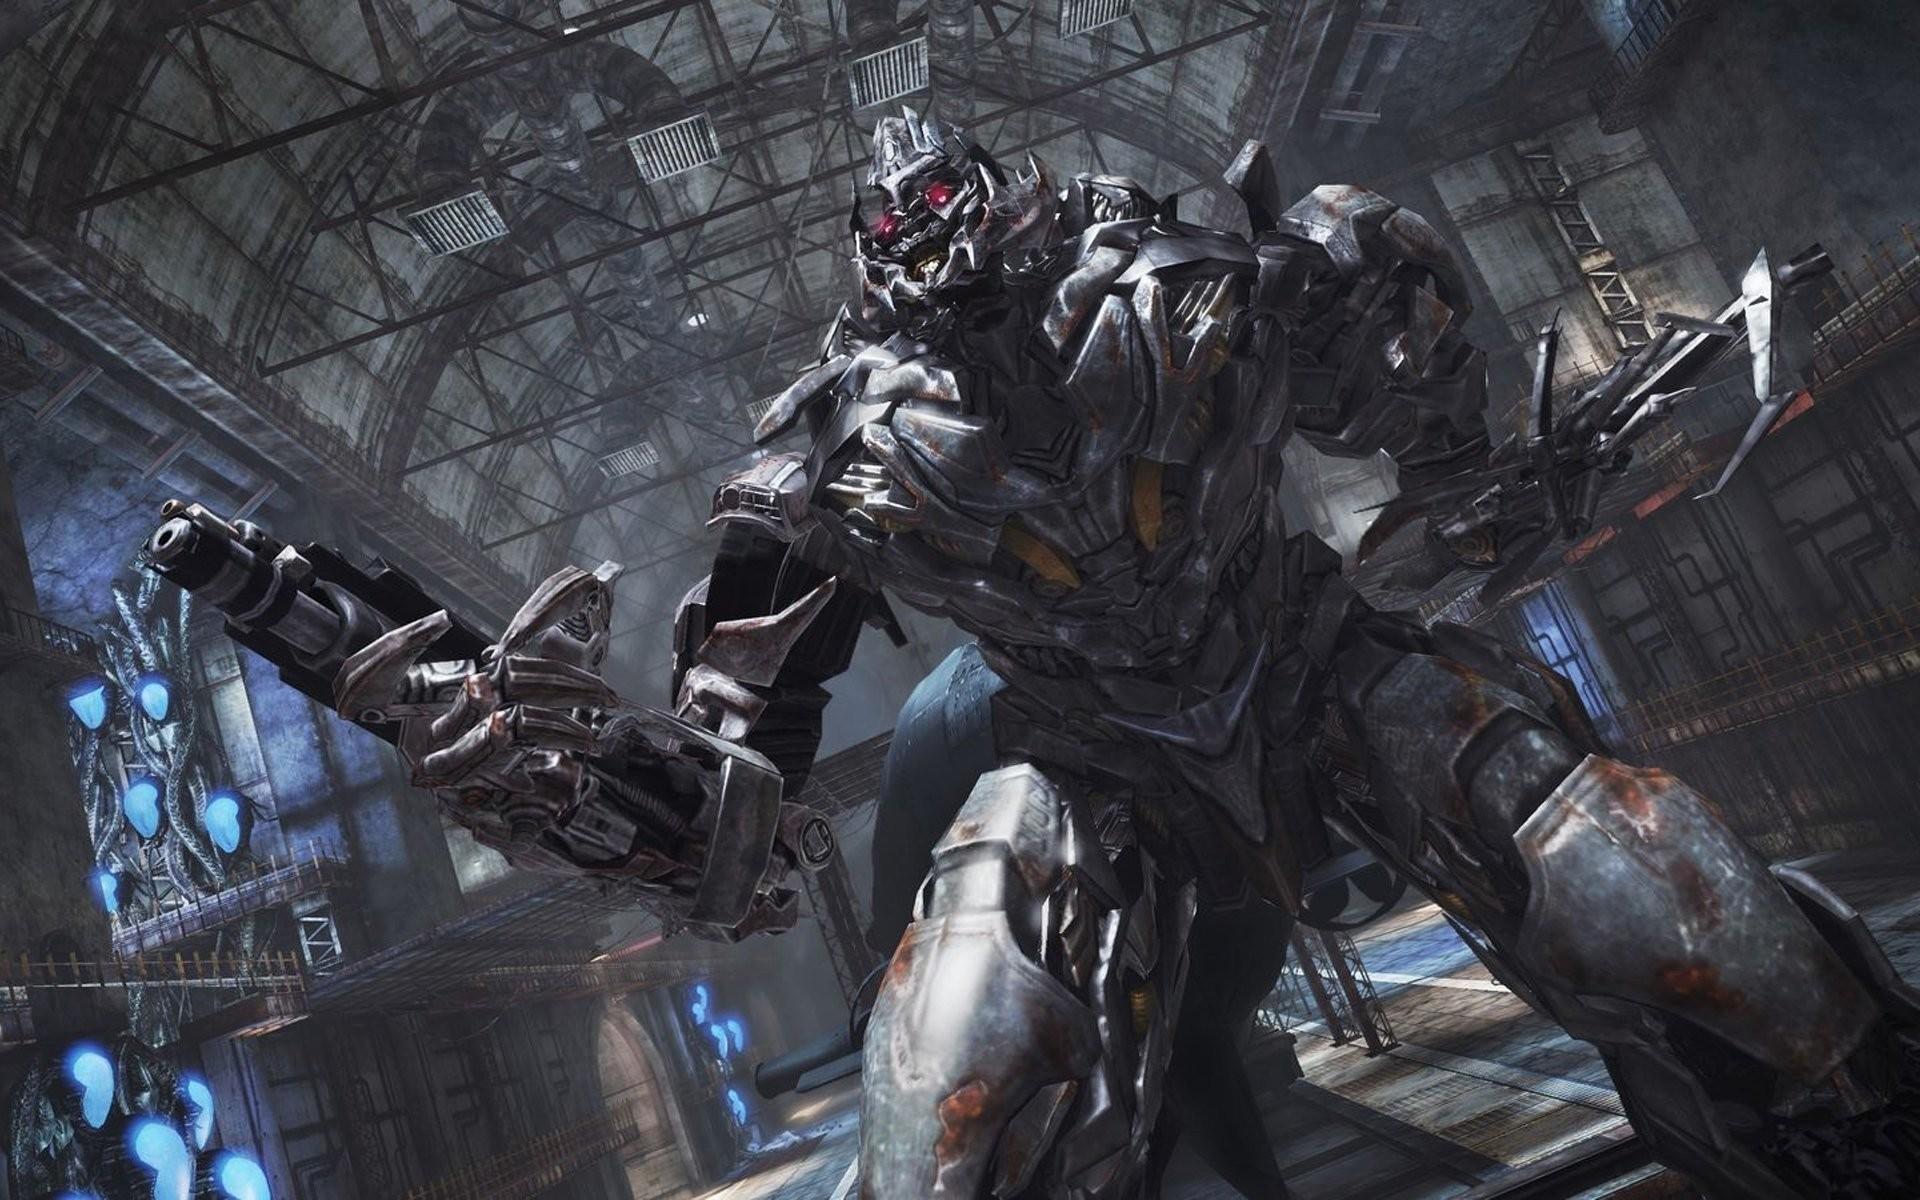 Transformers prime megatron wallpaper